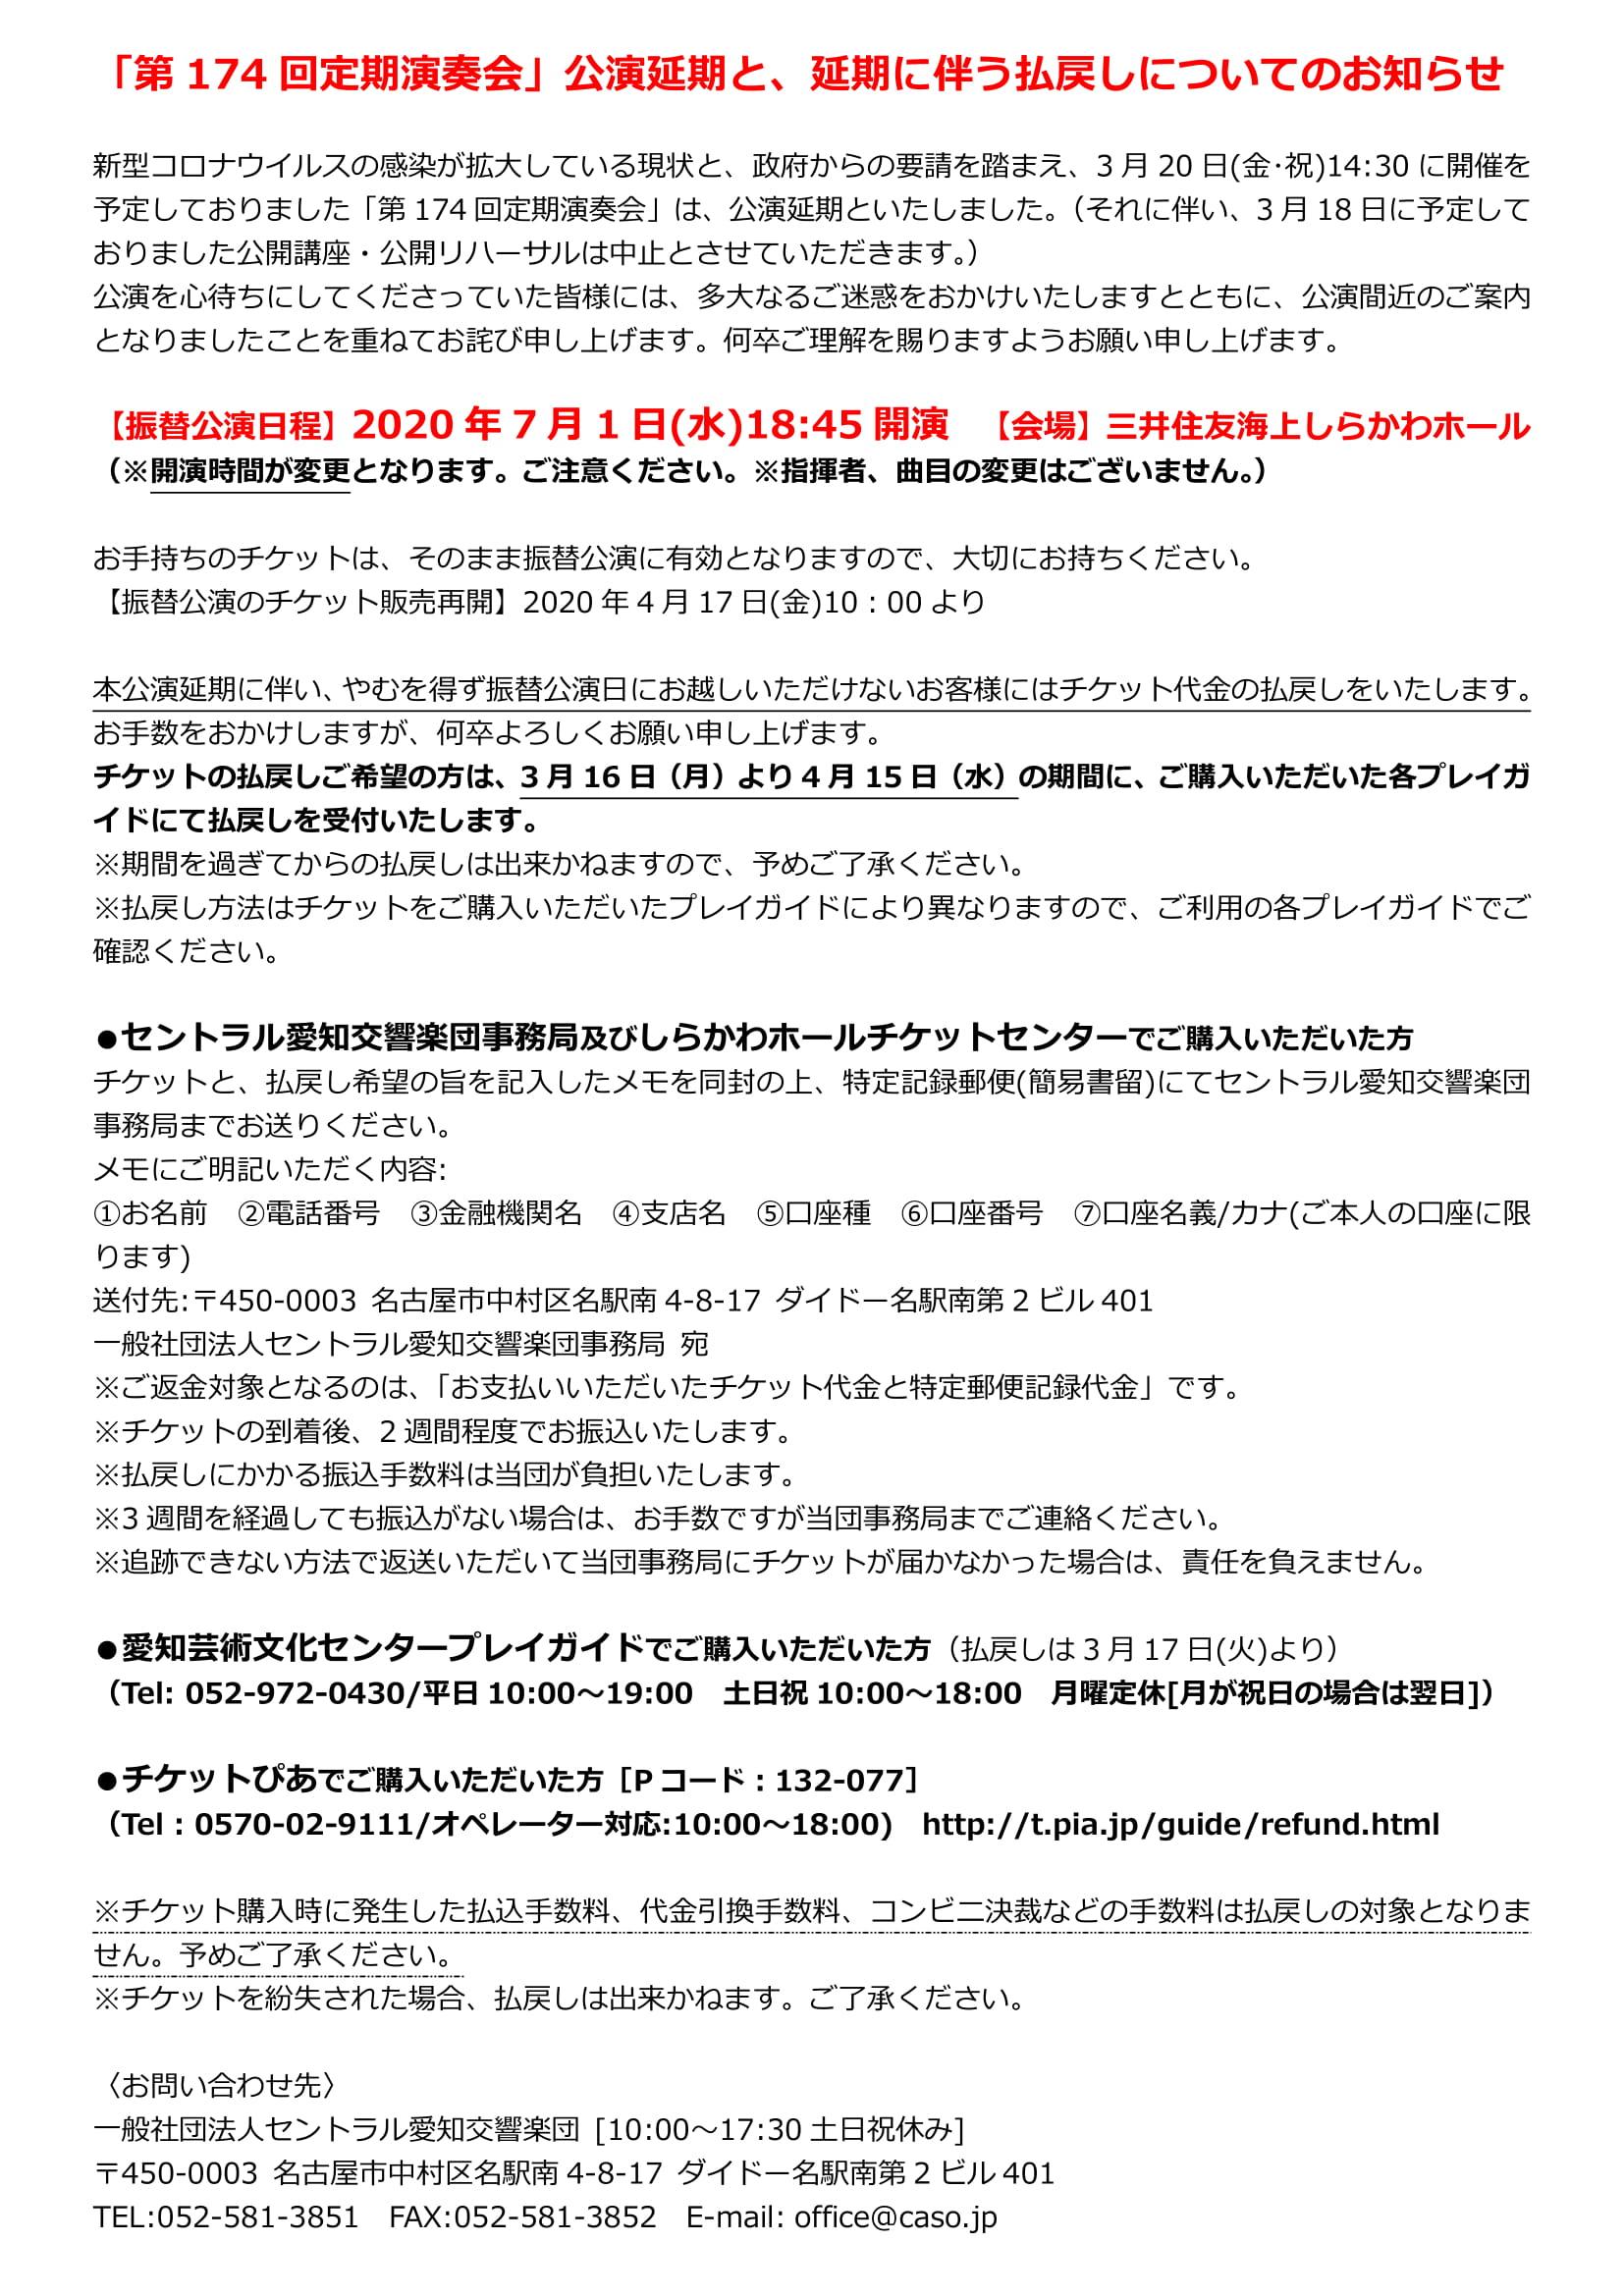 【振替公演】第174回定期演奏会~隠された伝説の再創造~